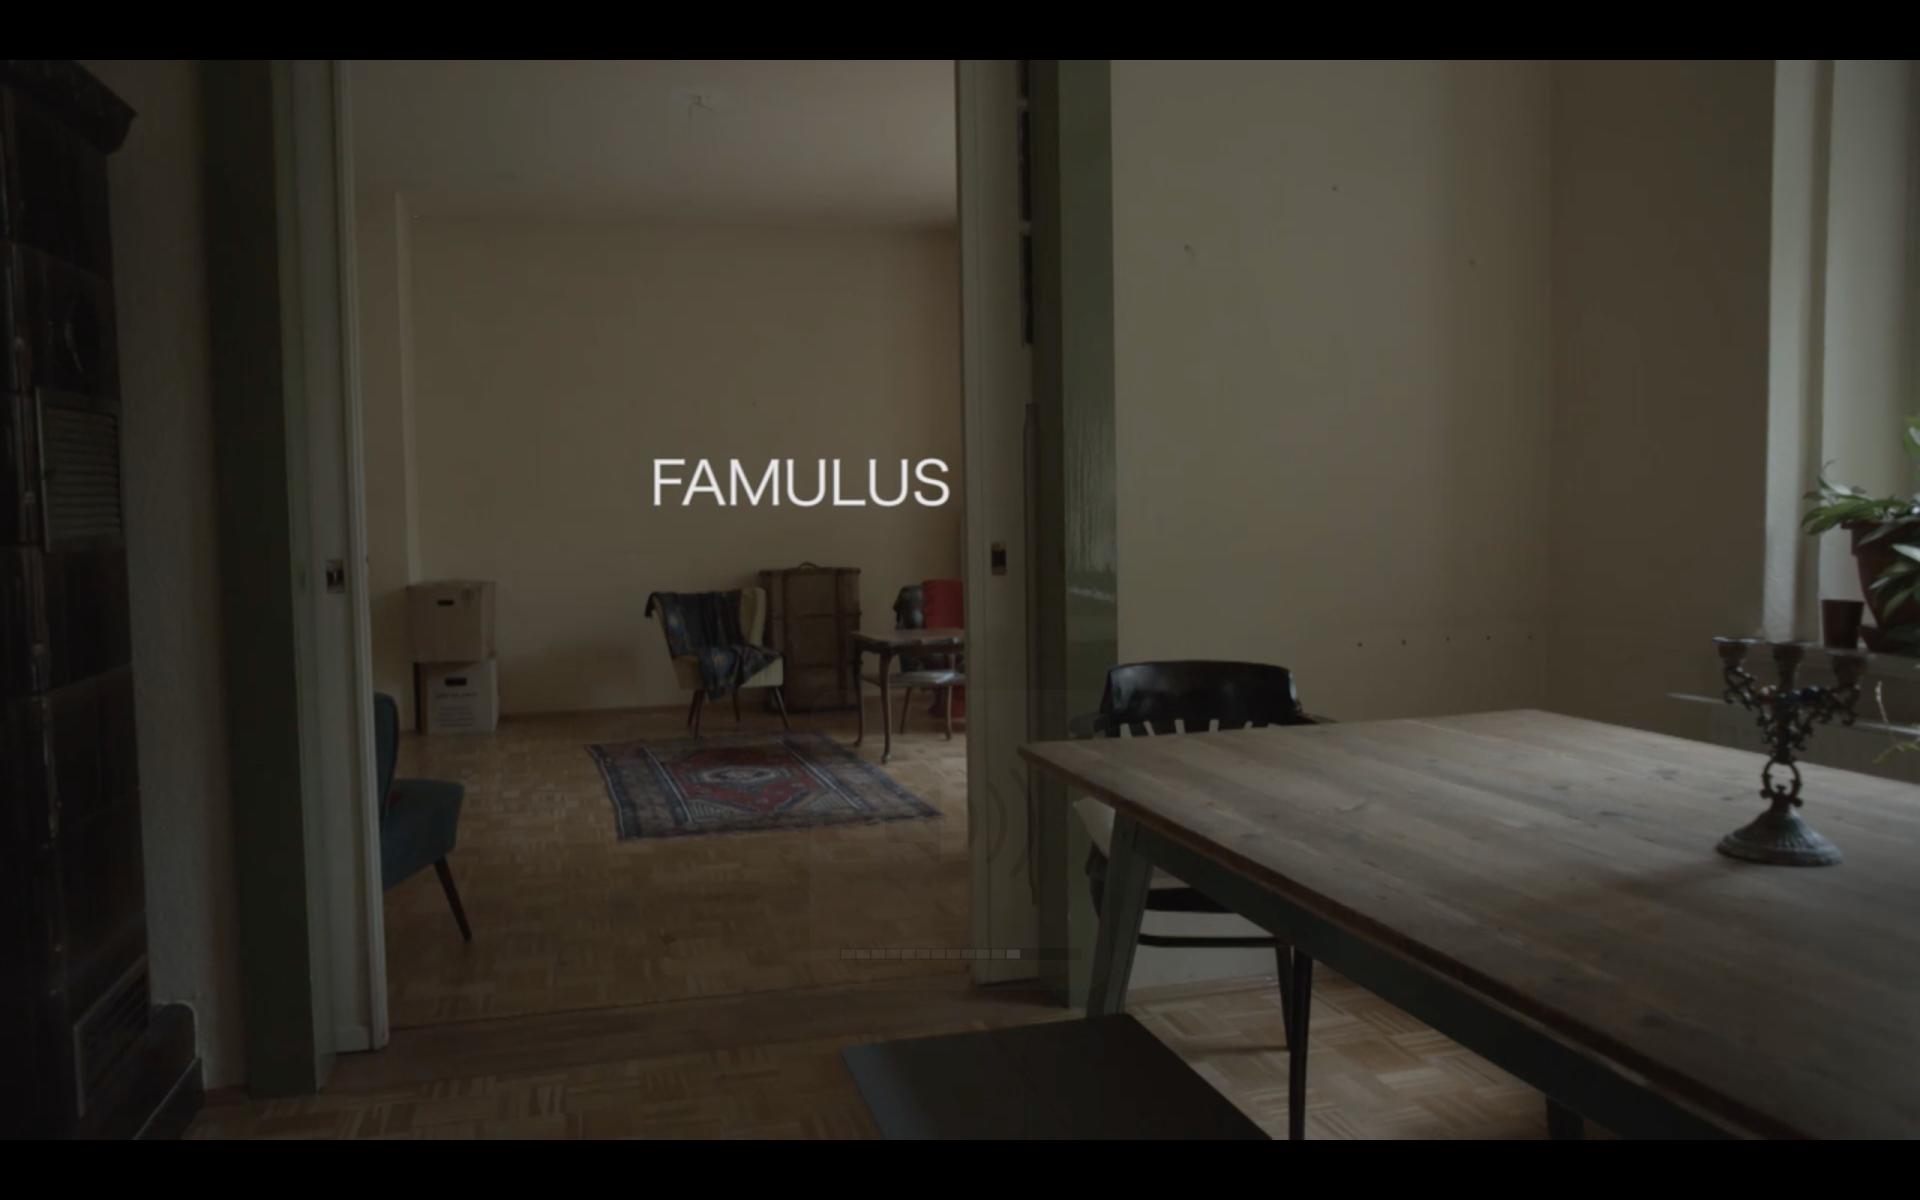 ELLA JOSEPHINE EBSEN »Famulus« Shortfilm